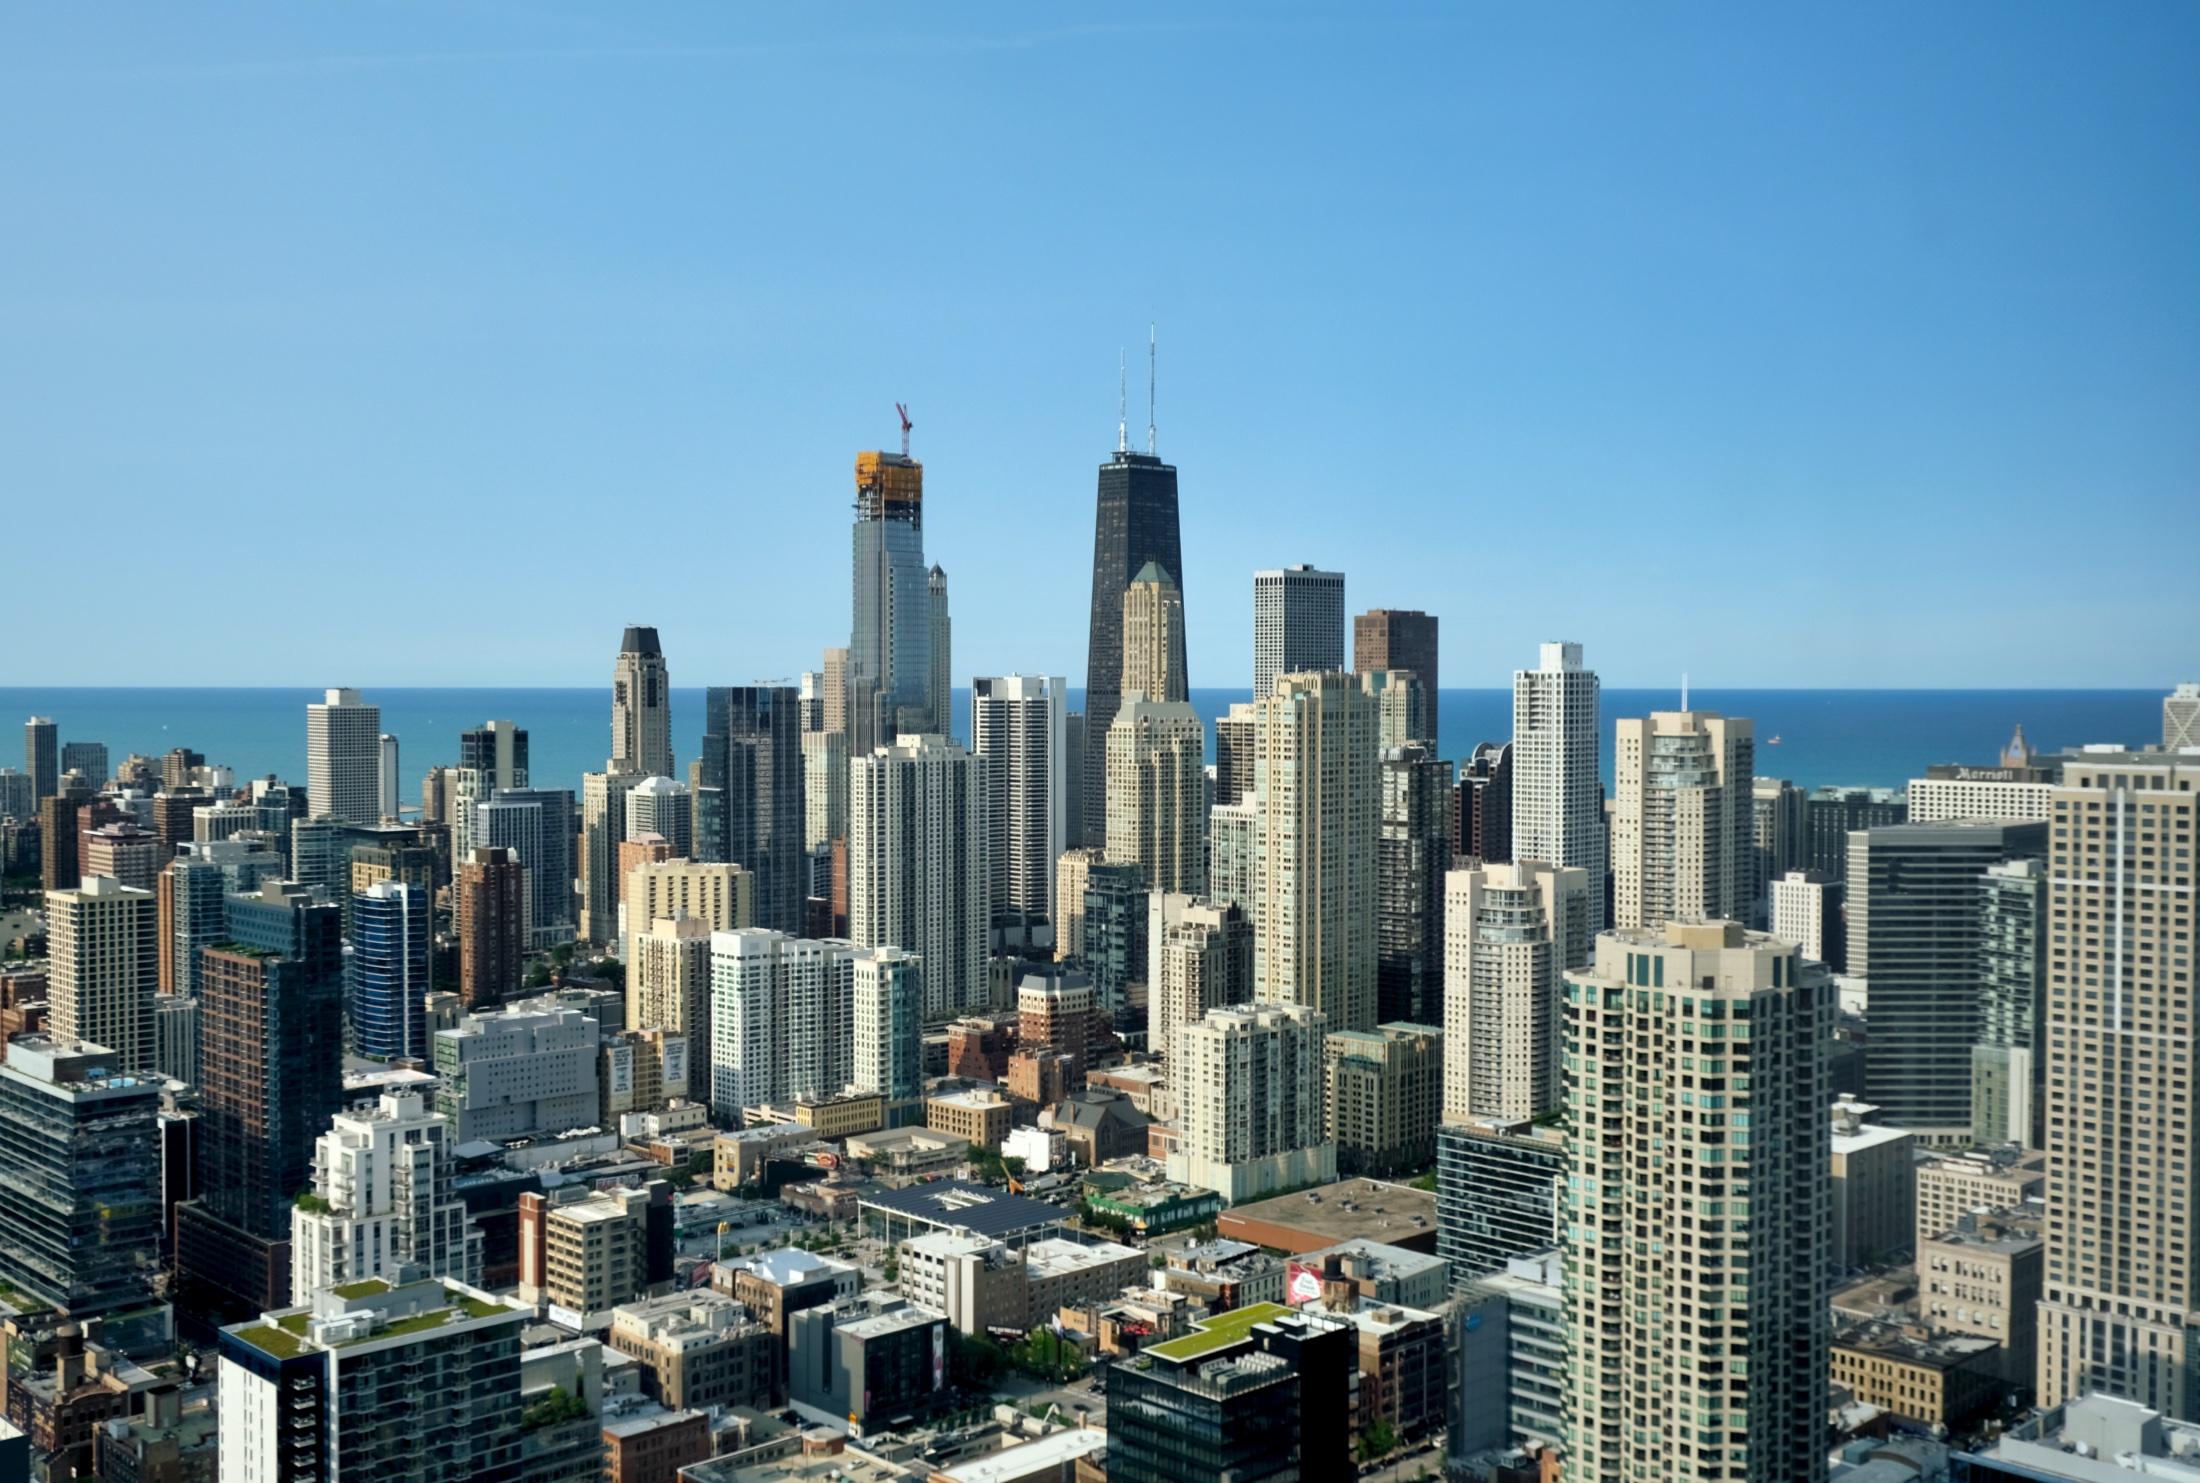 One Chicago (center left)